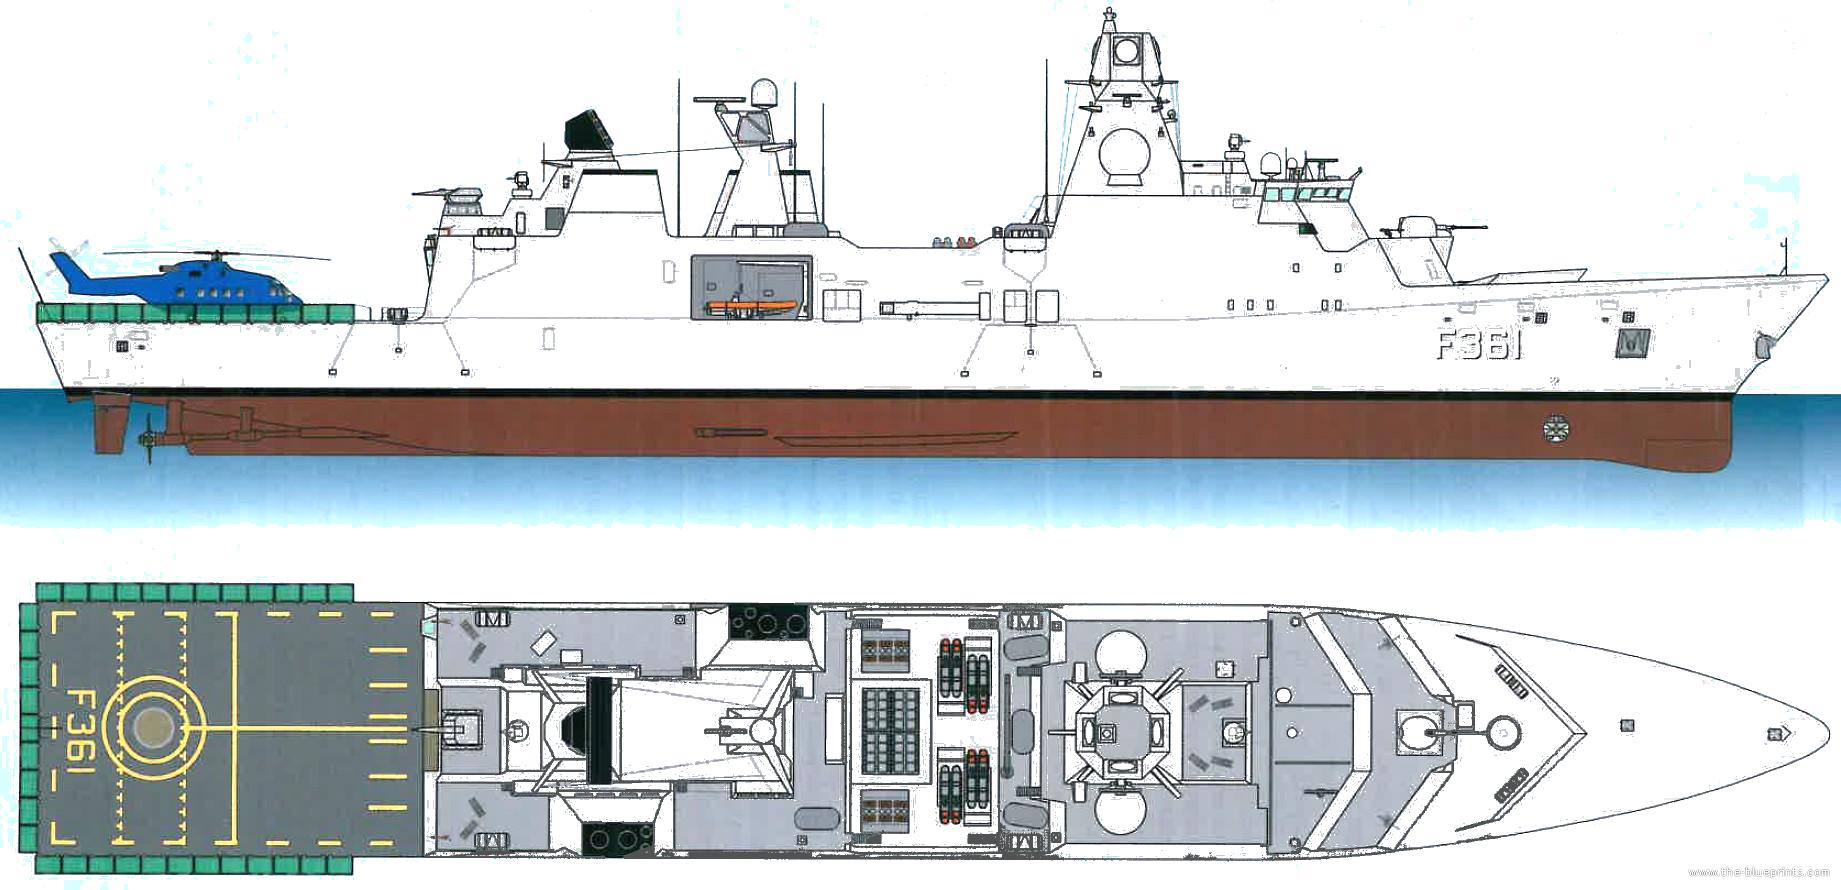 Fragata Type 31e: Babcock anuncia projeto Arrowhead 140 baseado na